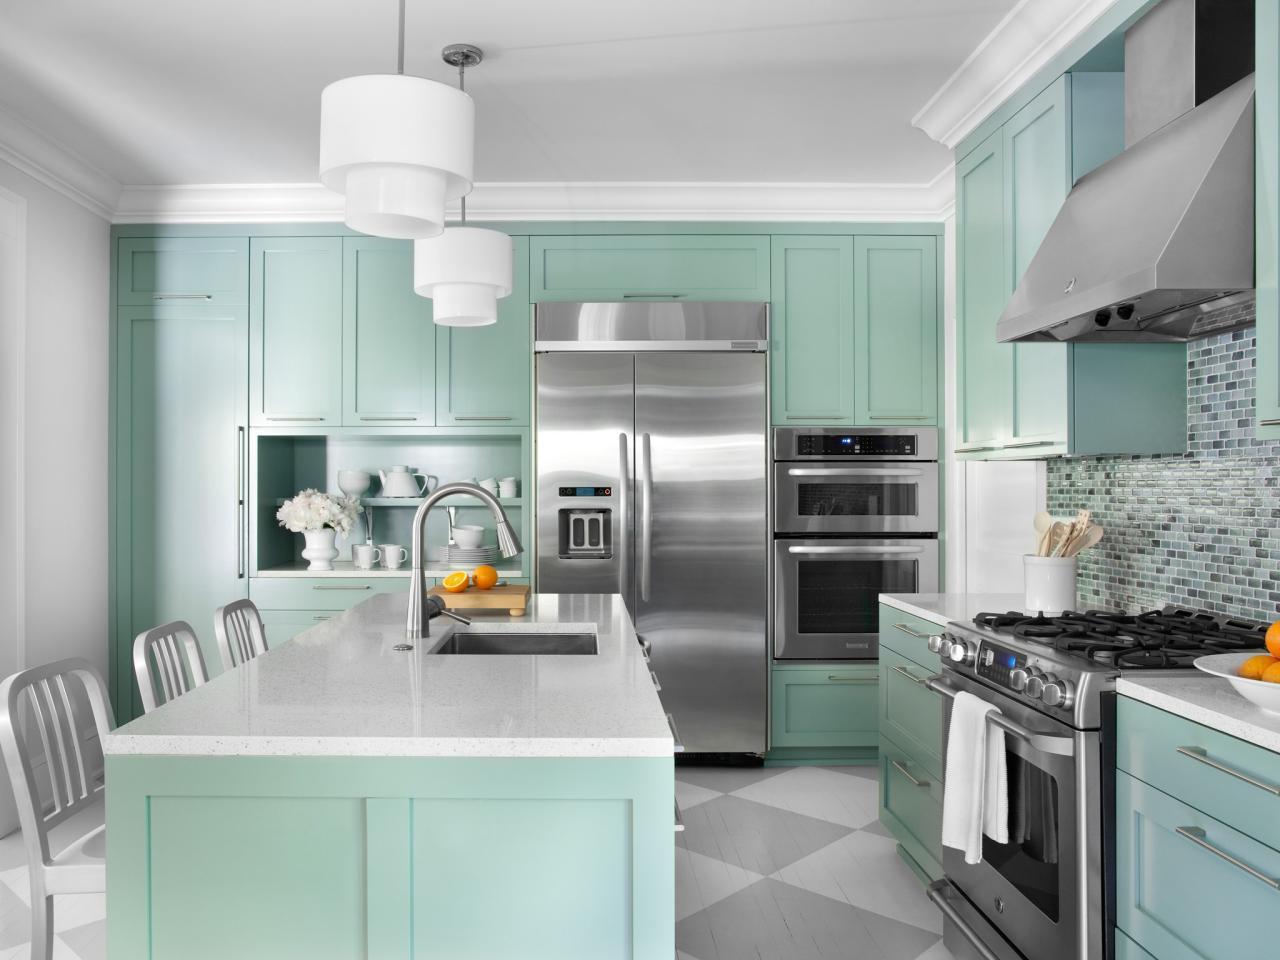 кухни из массива дерева, кухни, мебель, Стиль Хауз, кухни ЗОВ, дизайн, дизайн кухонь, кухонная мебель